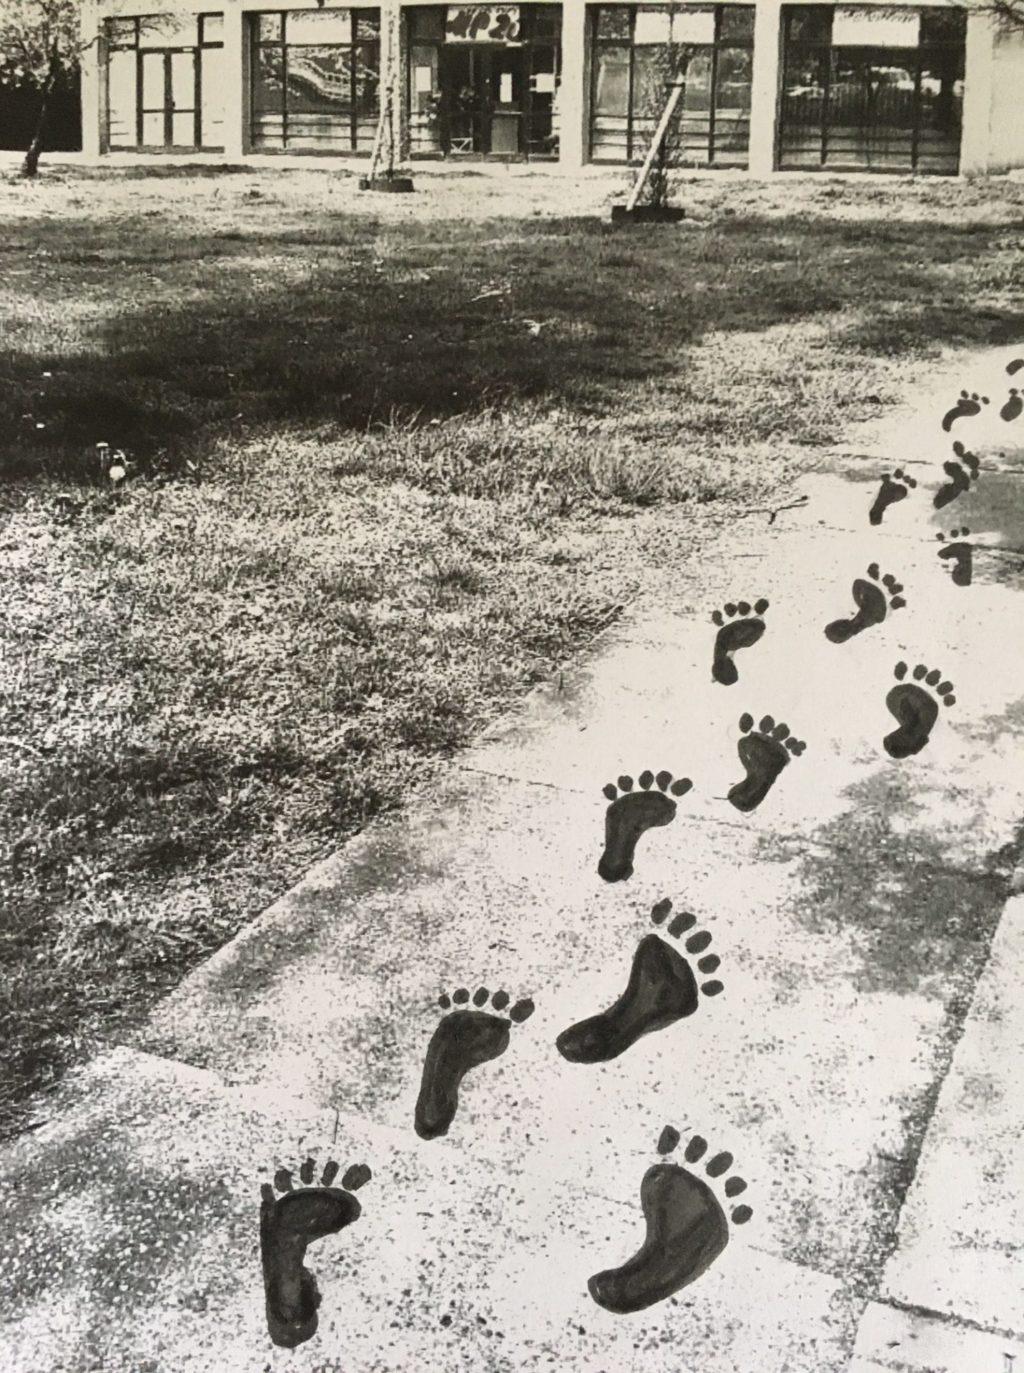 Gehweg mit Fußabdrücken